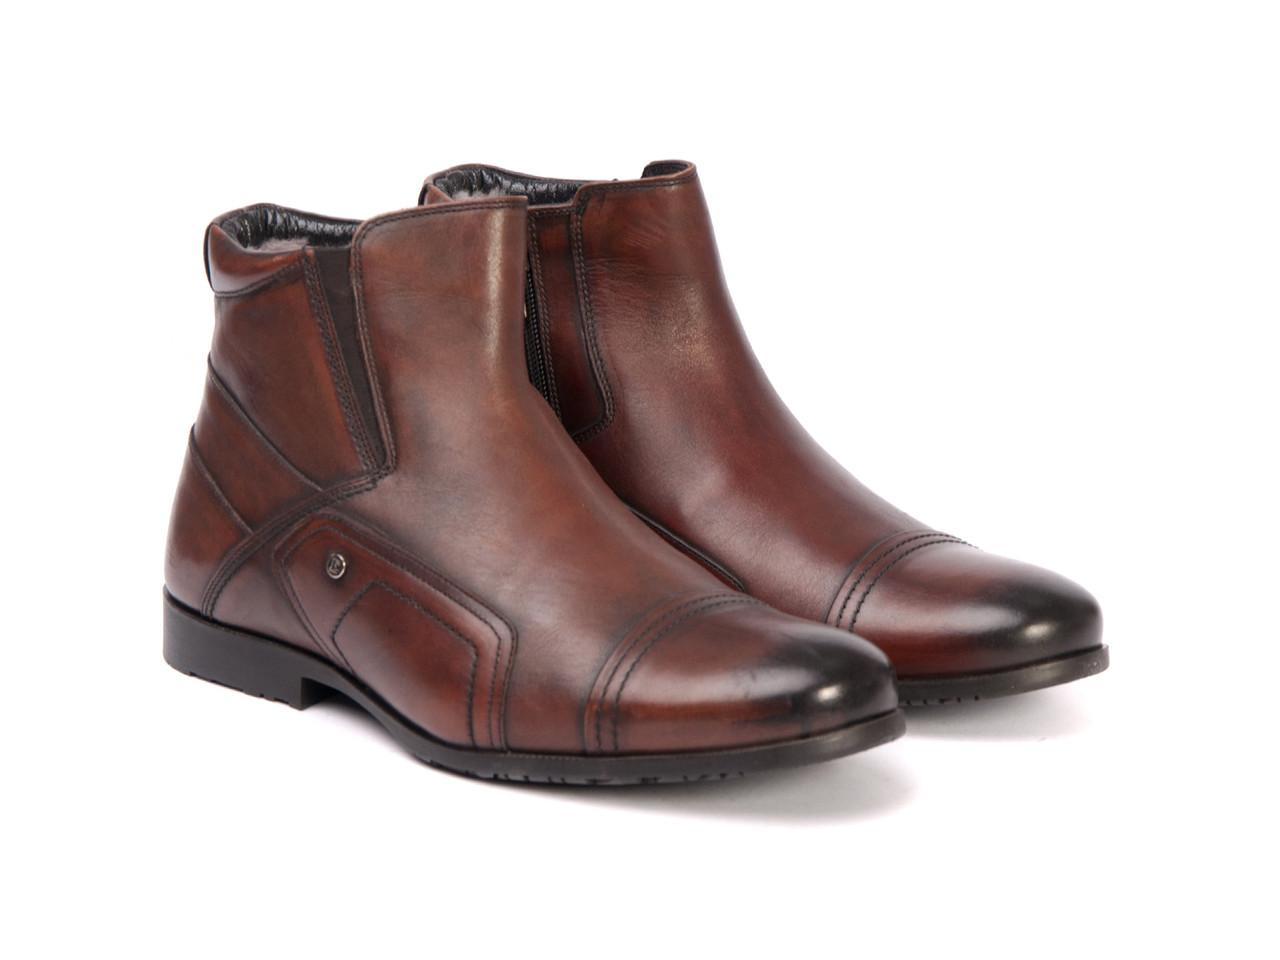 Ботинки Etor 9193-674 коричневые